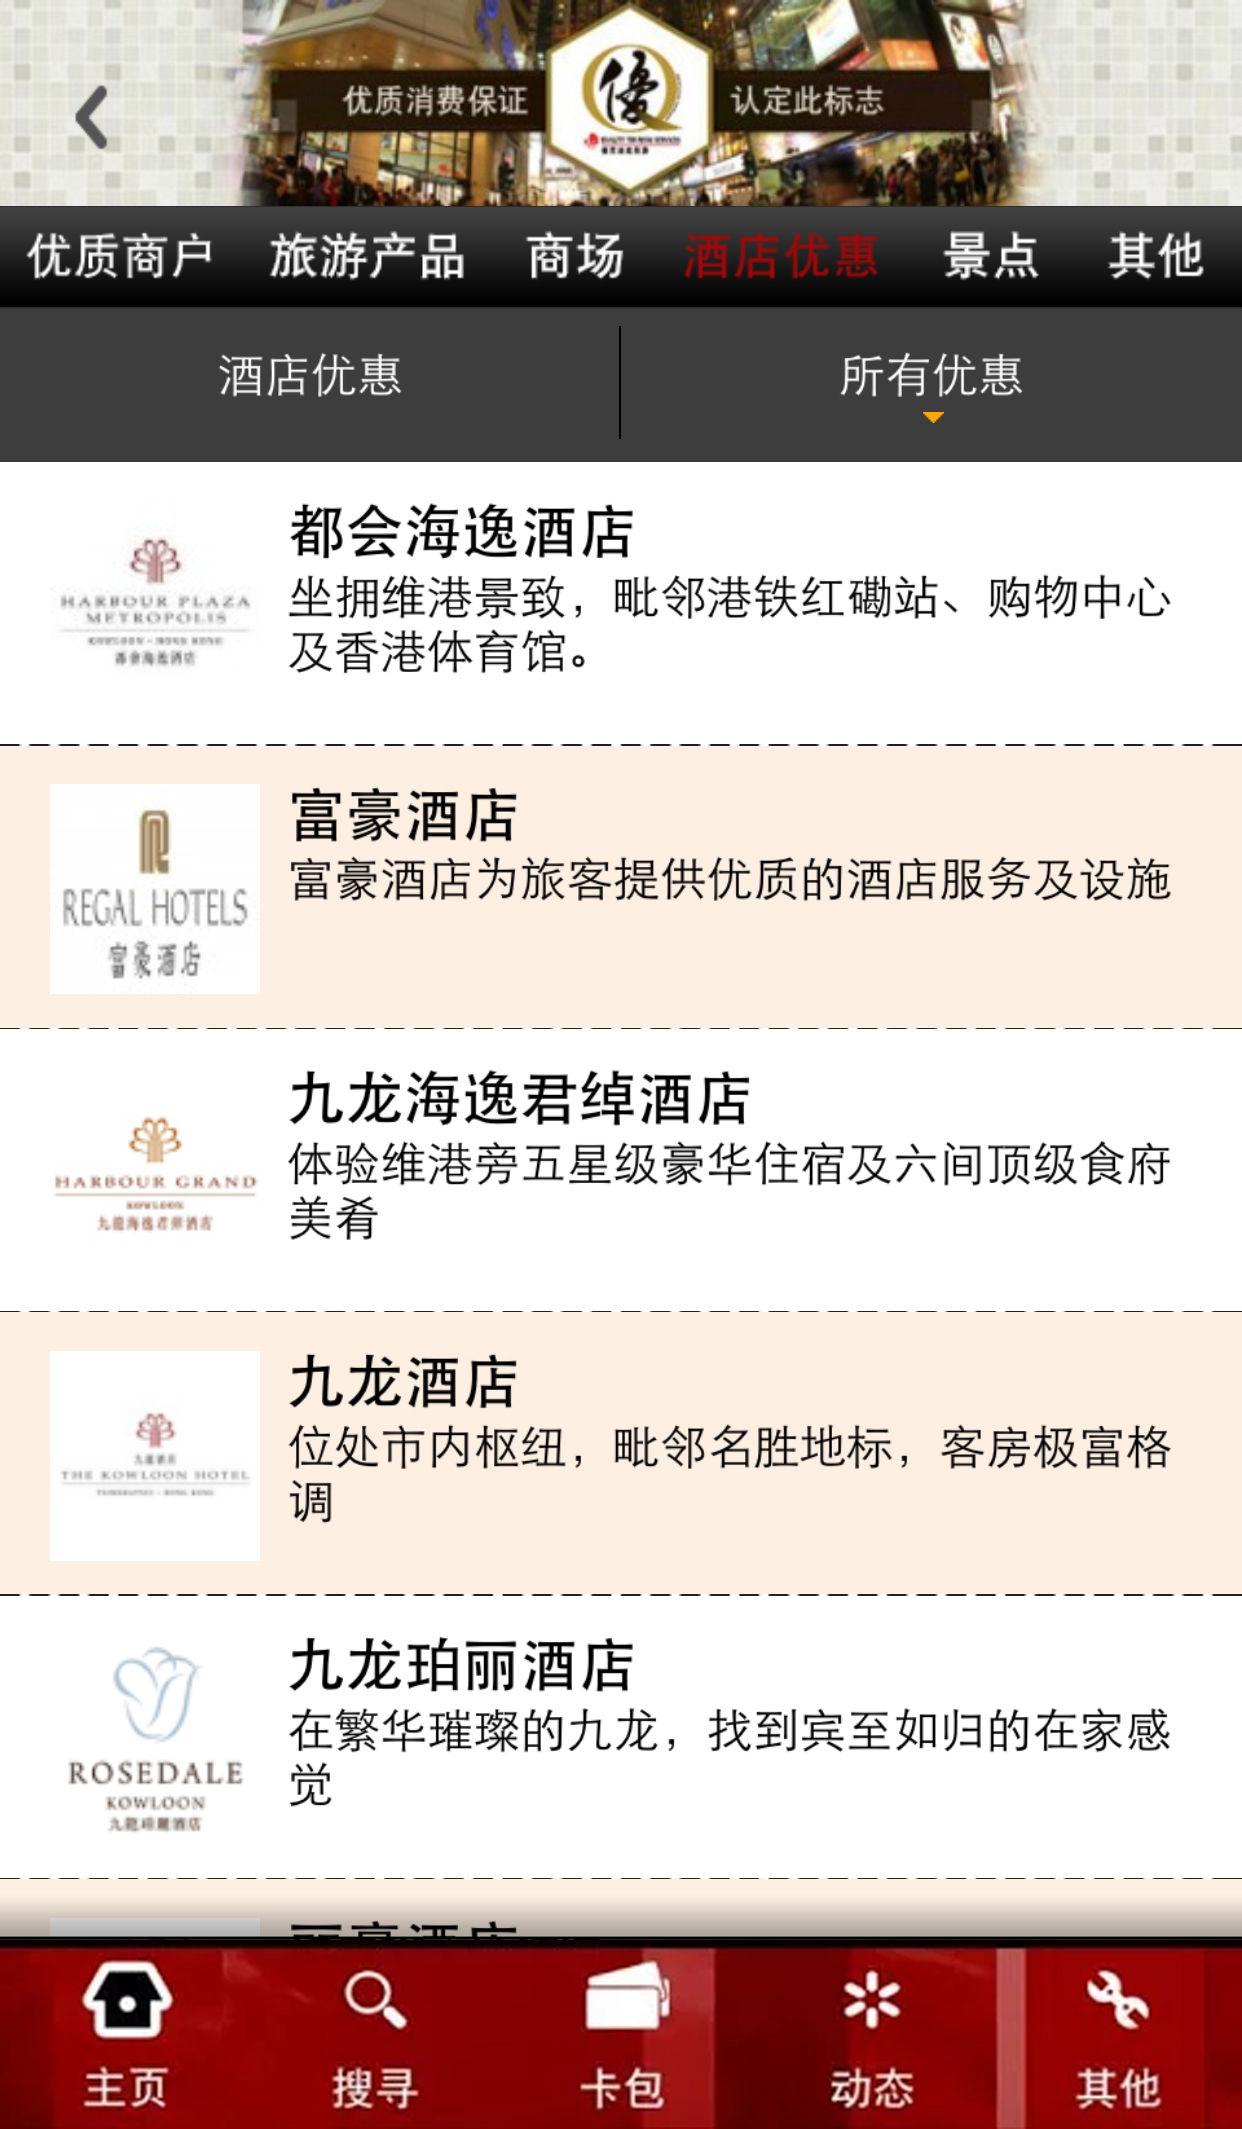 香港.优惠-应用截图